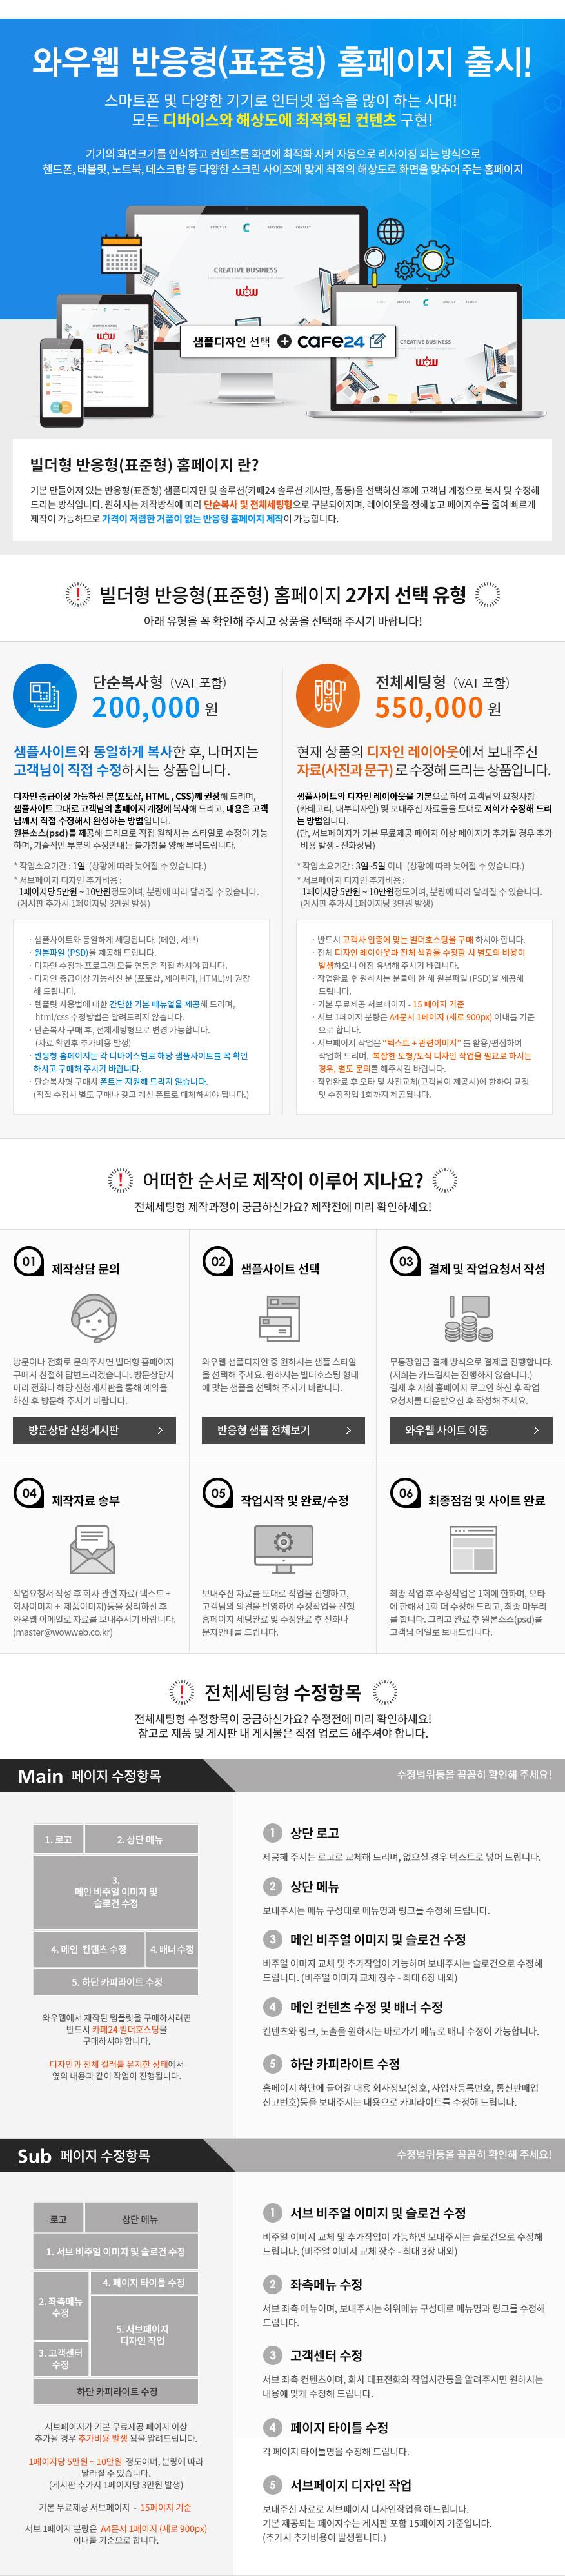 와우웹 상세페이지 표준형